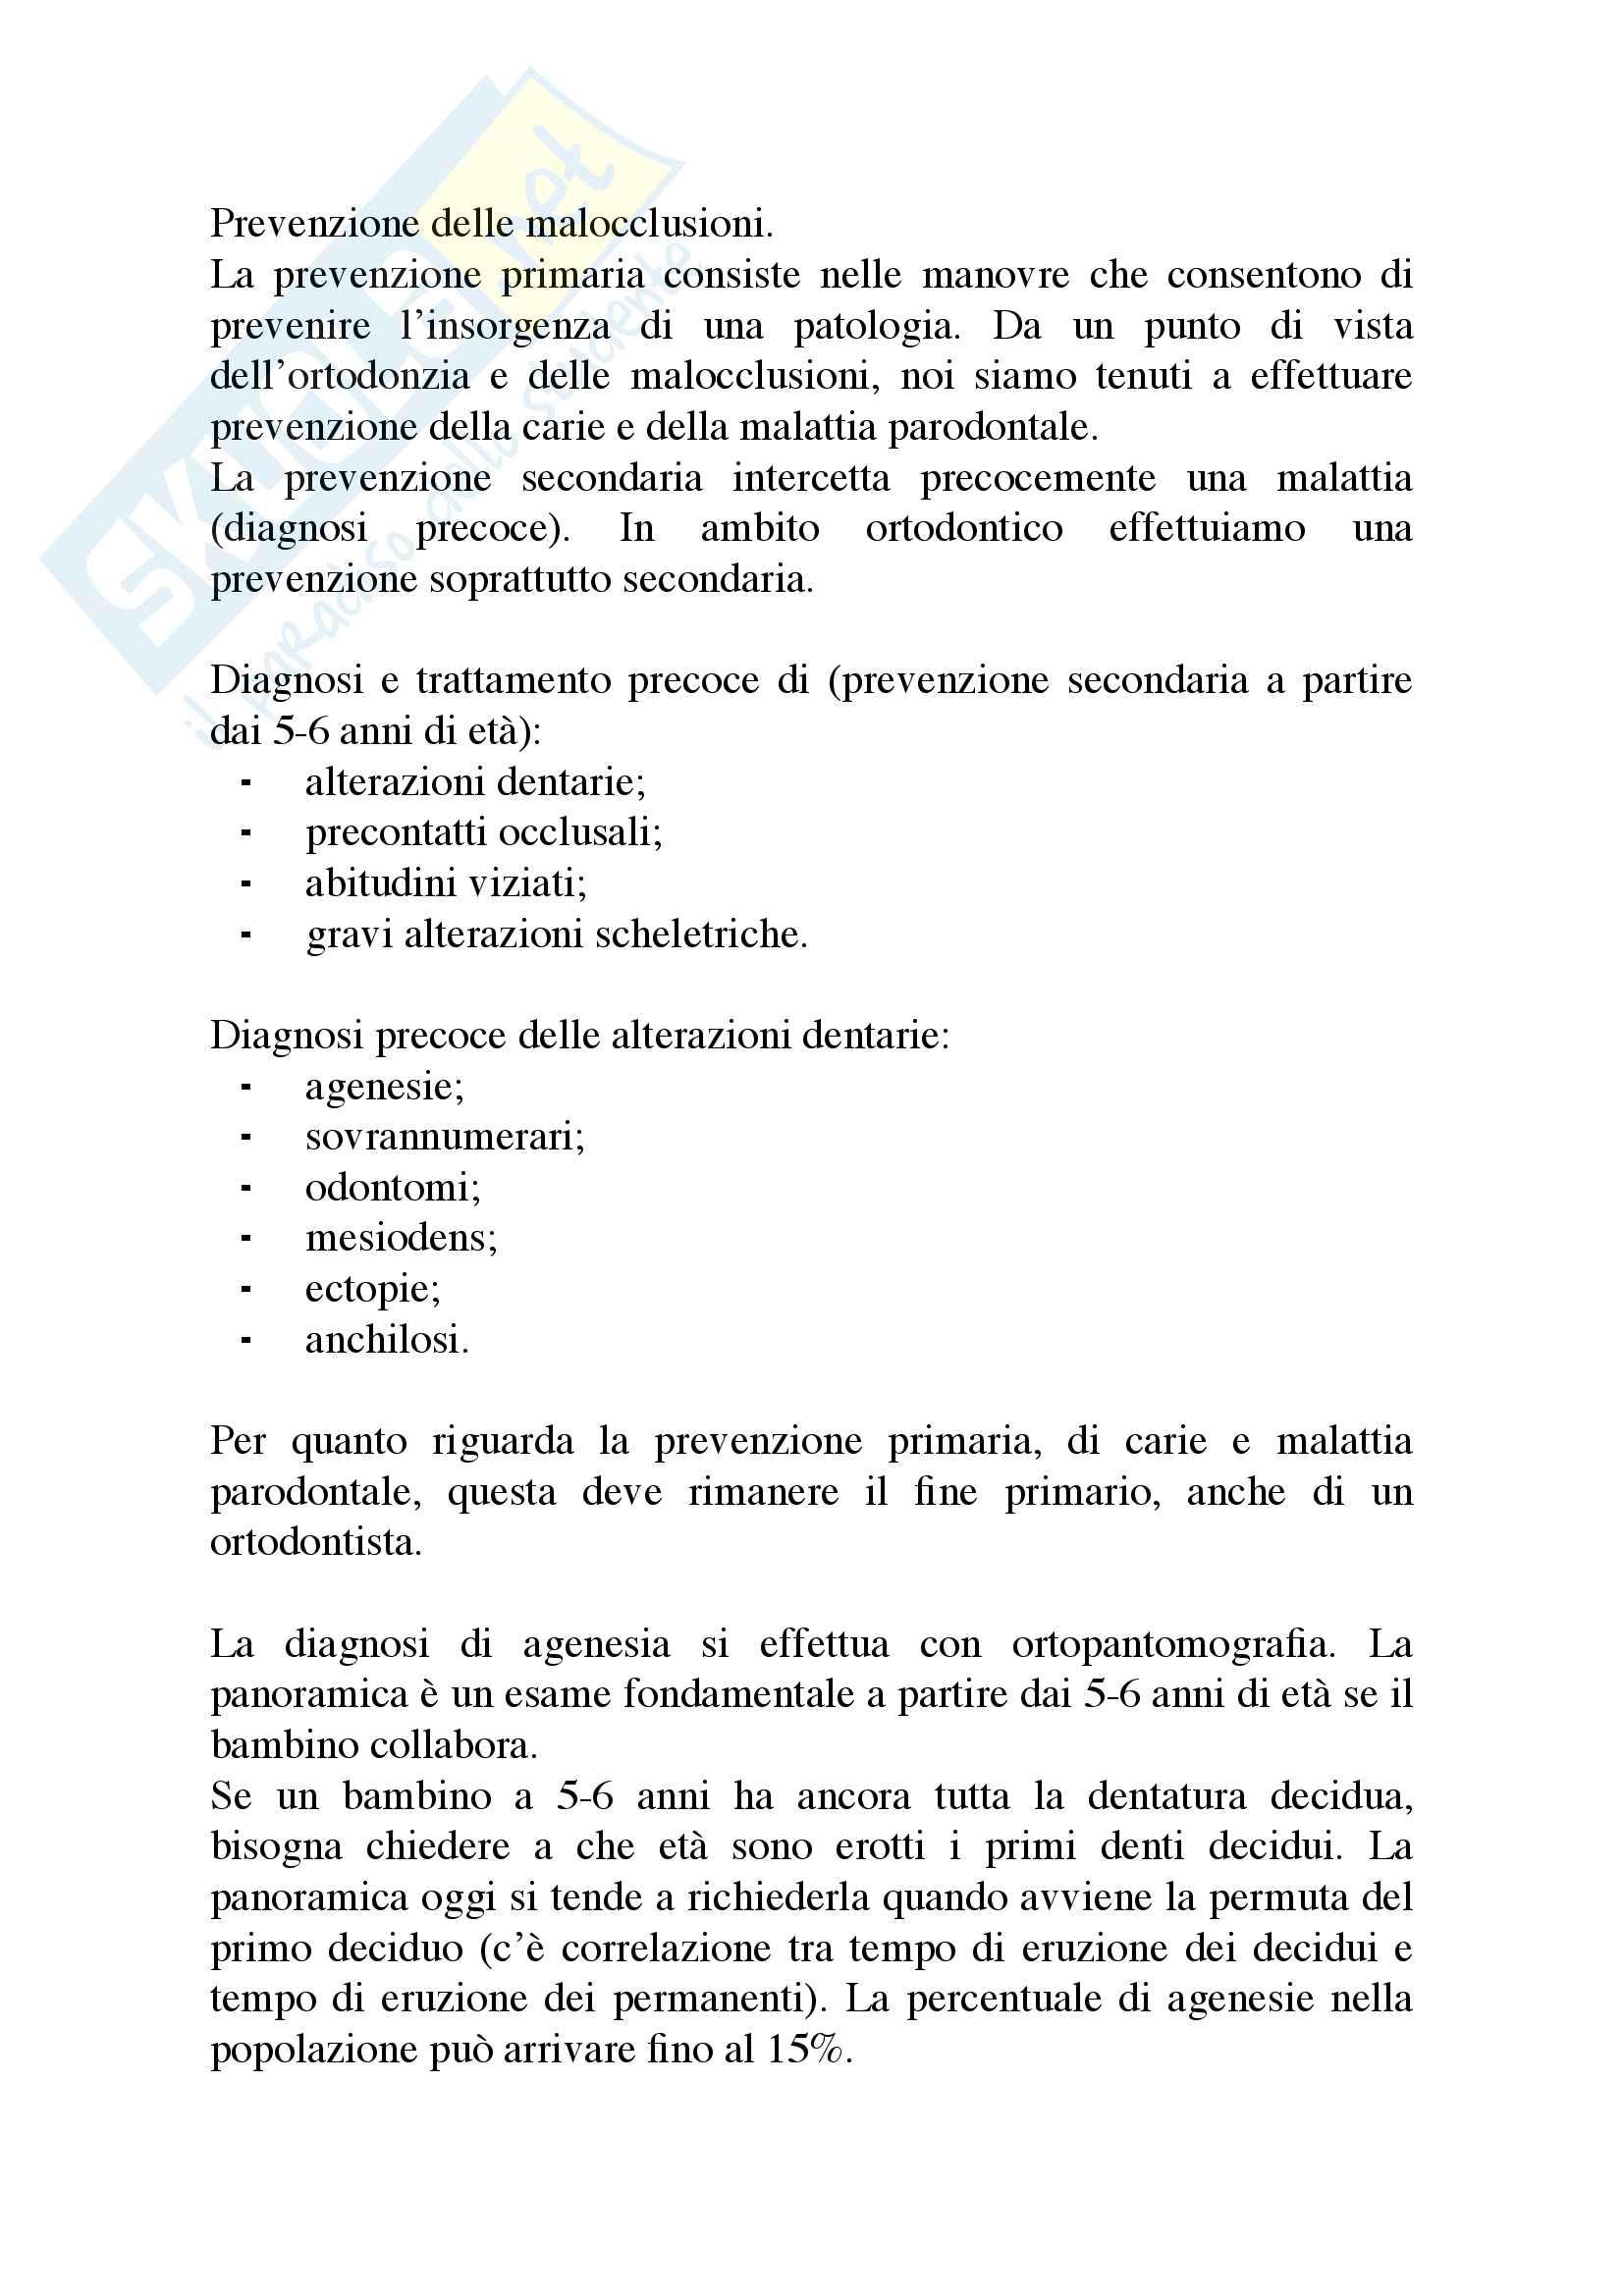 Appunti di Ortodonzia Pag. 41